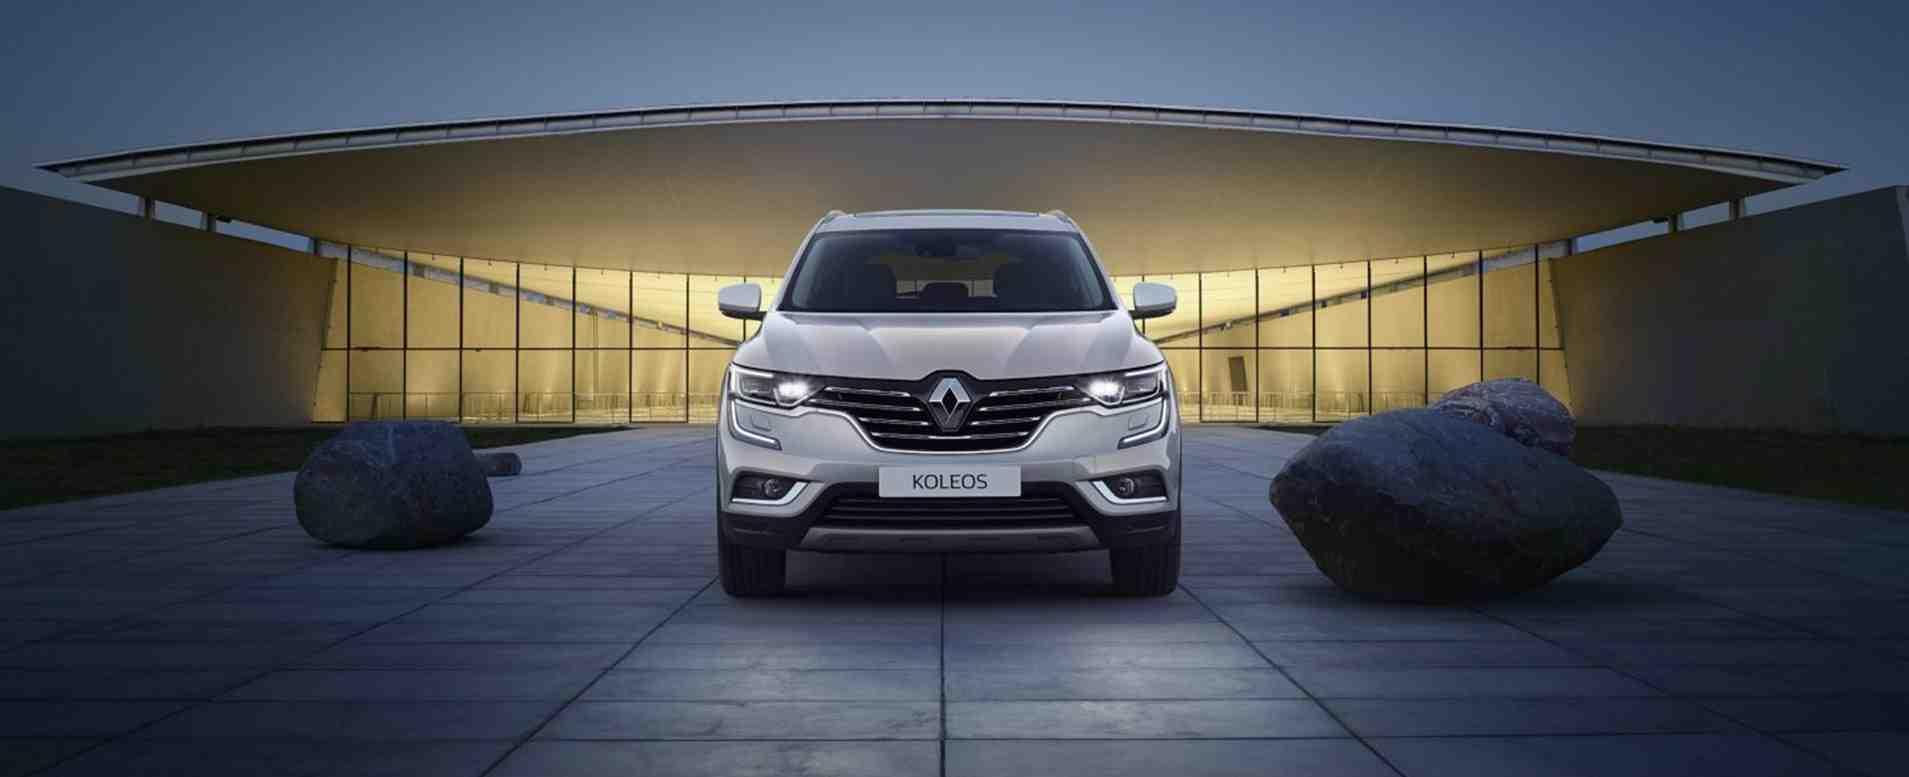 Budgen Renault